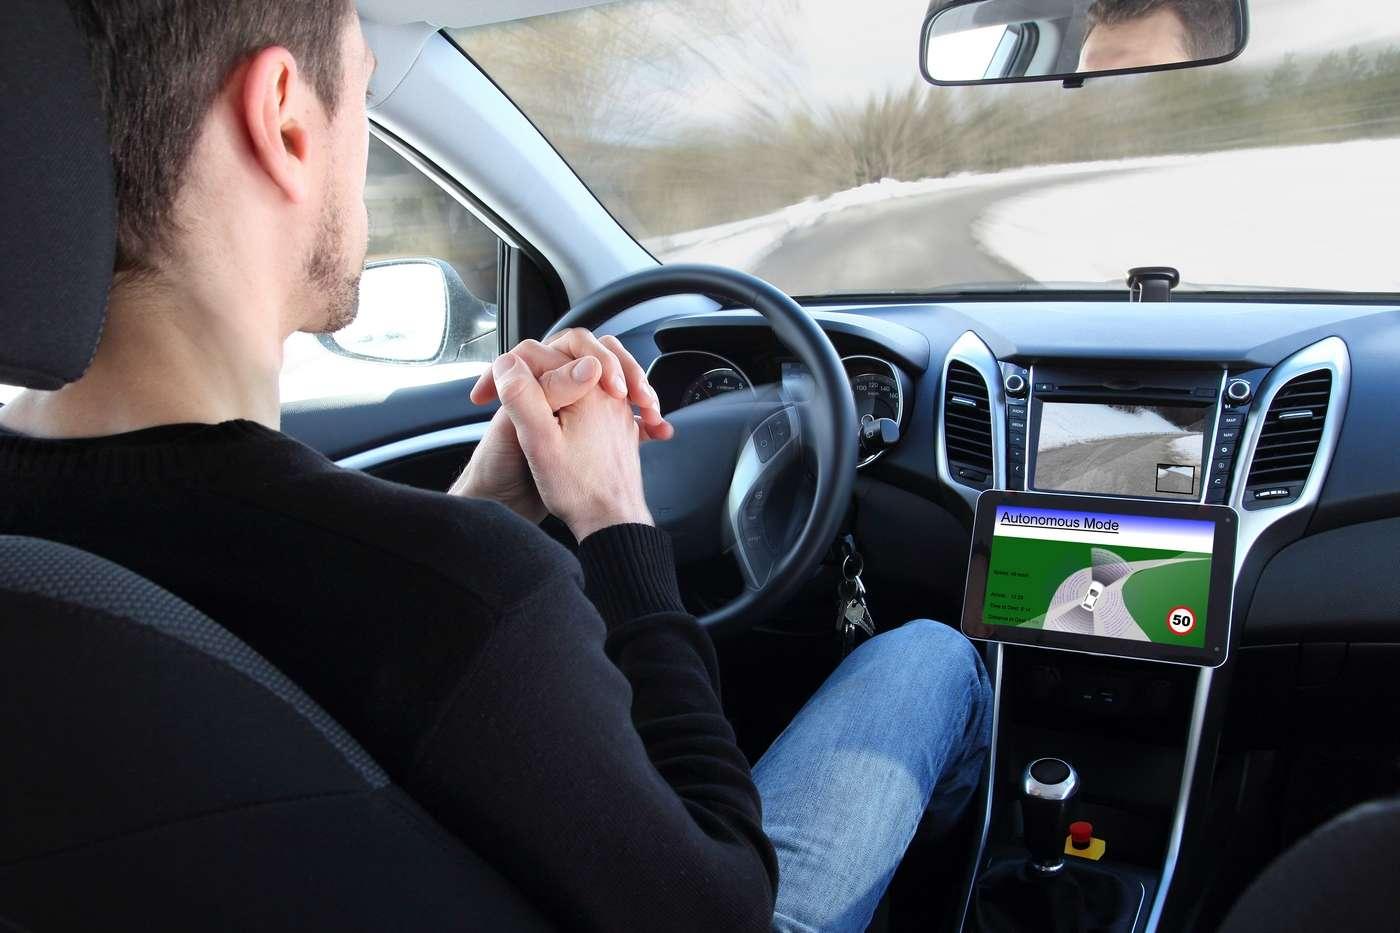 Pour apprendre à mieux réagir dans tous les cas de figure, une voiture autonome doit d'abord se tromper. © RioPatuca, Shutterstock